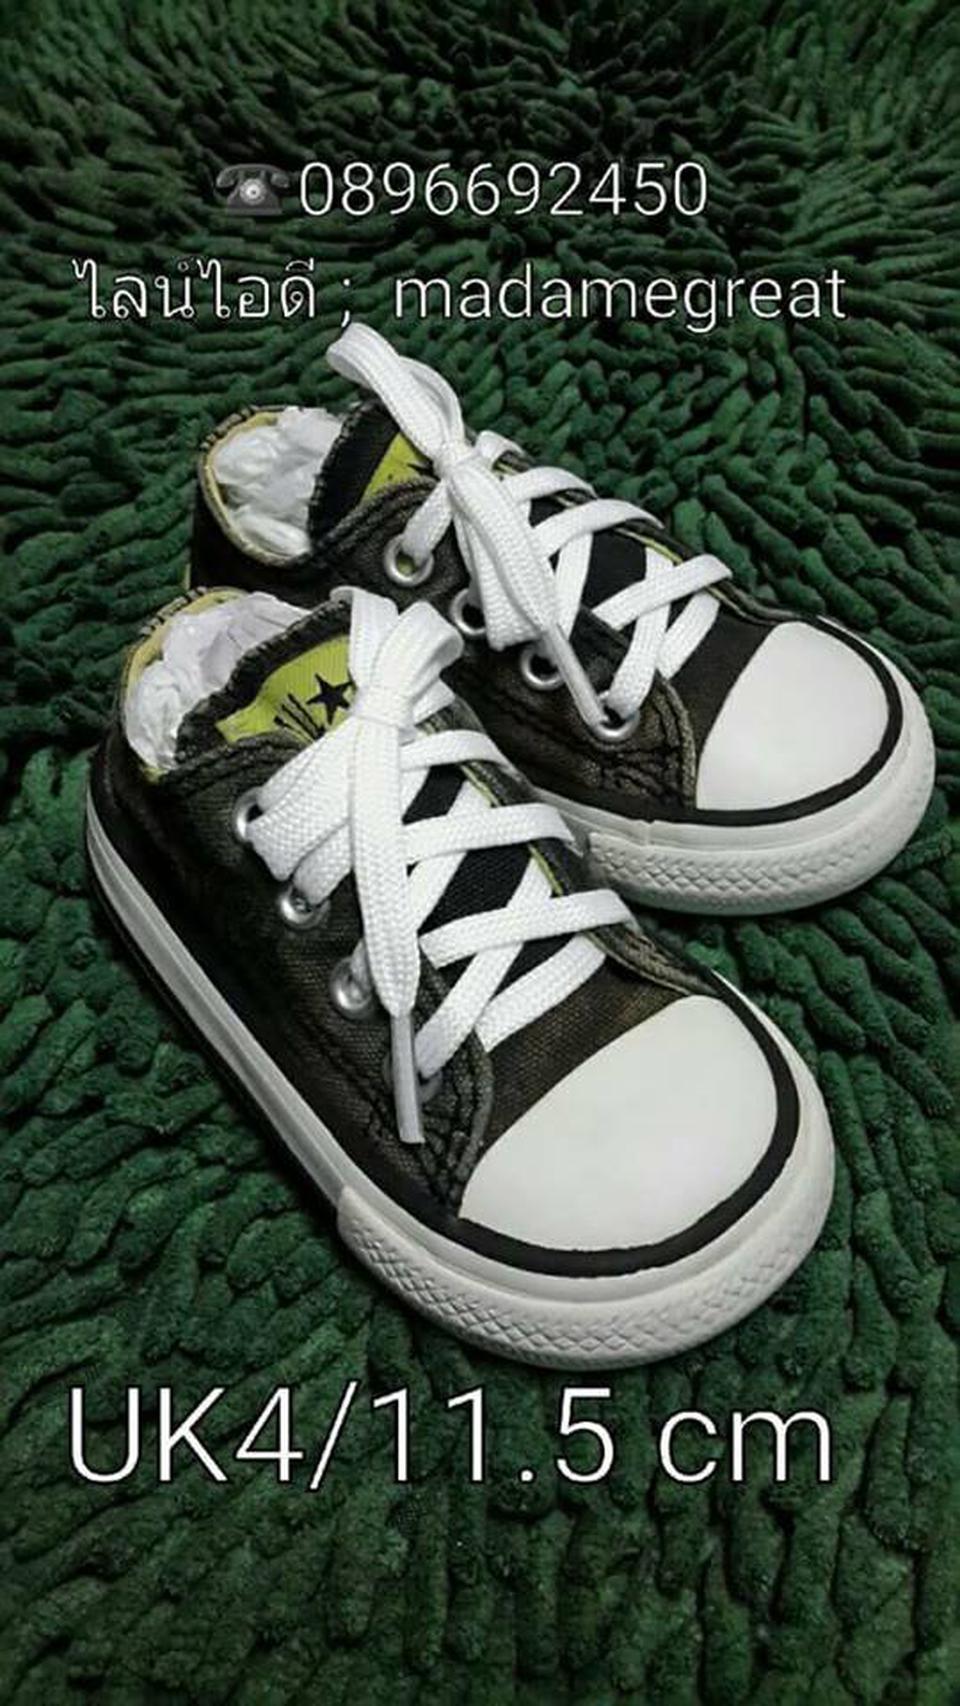 รองเท้าเด็ก. CONVERSE ของแท้มือสองจากนอกสภาพดี รูปที่ 1